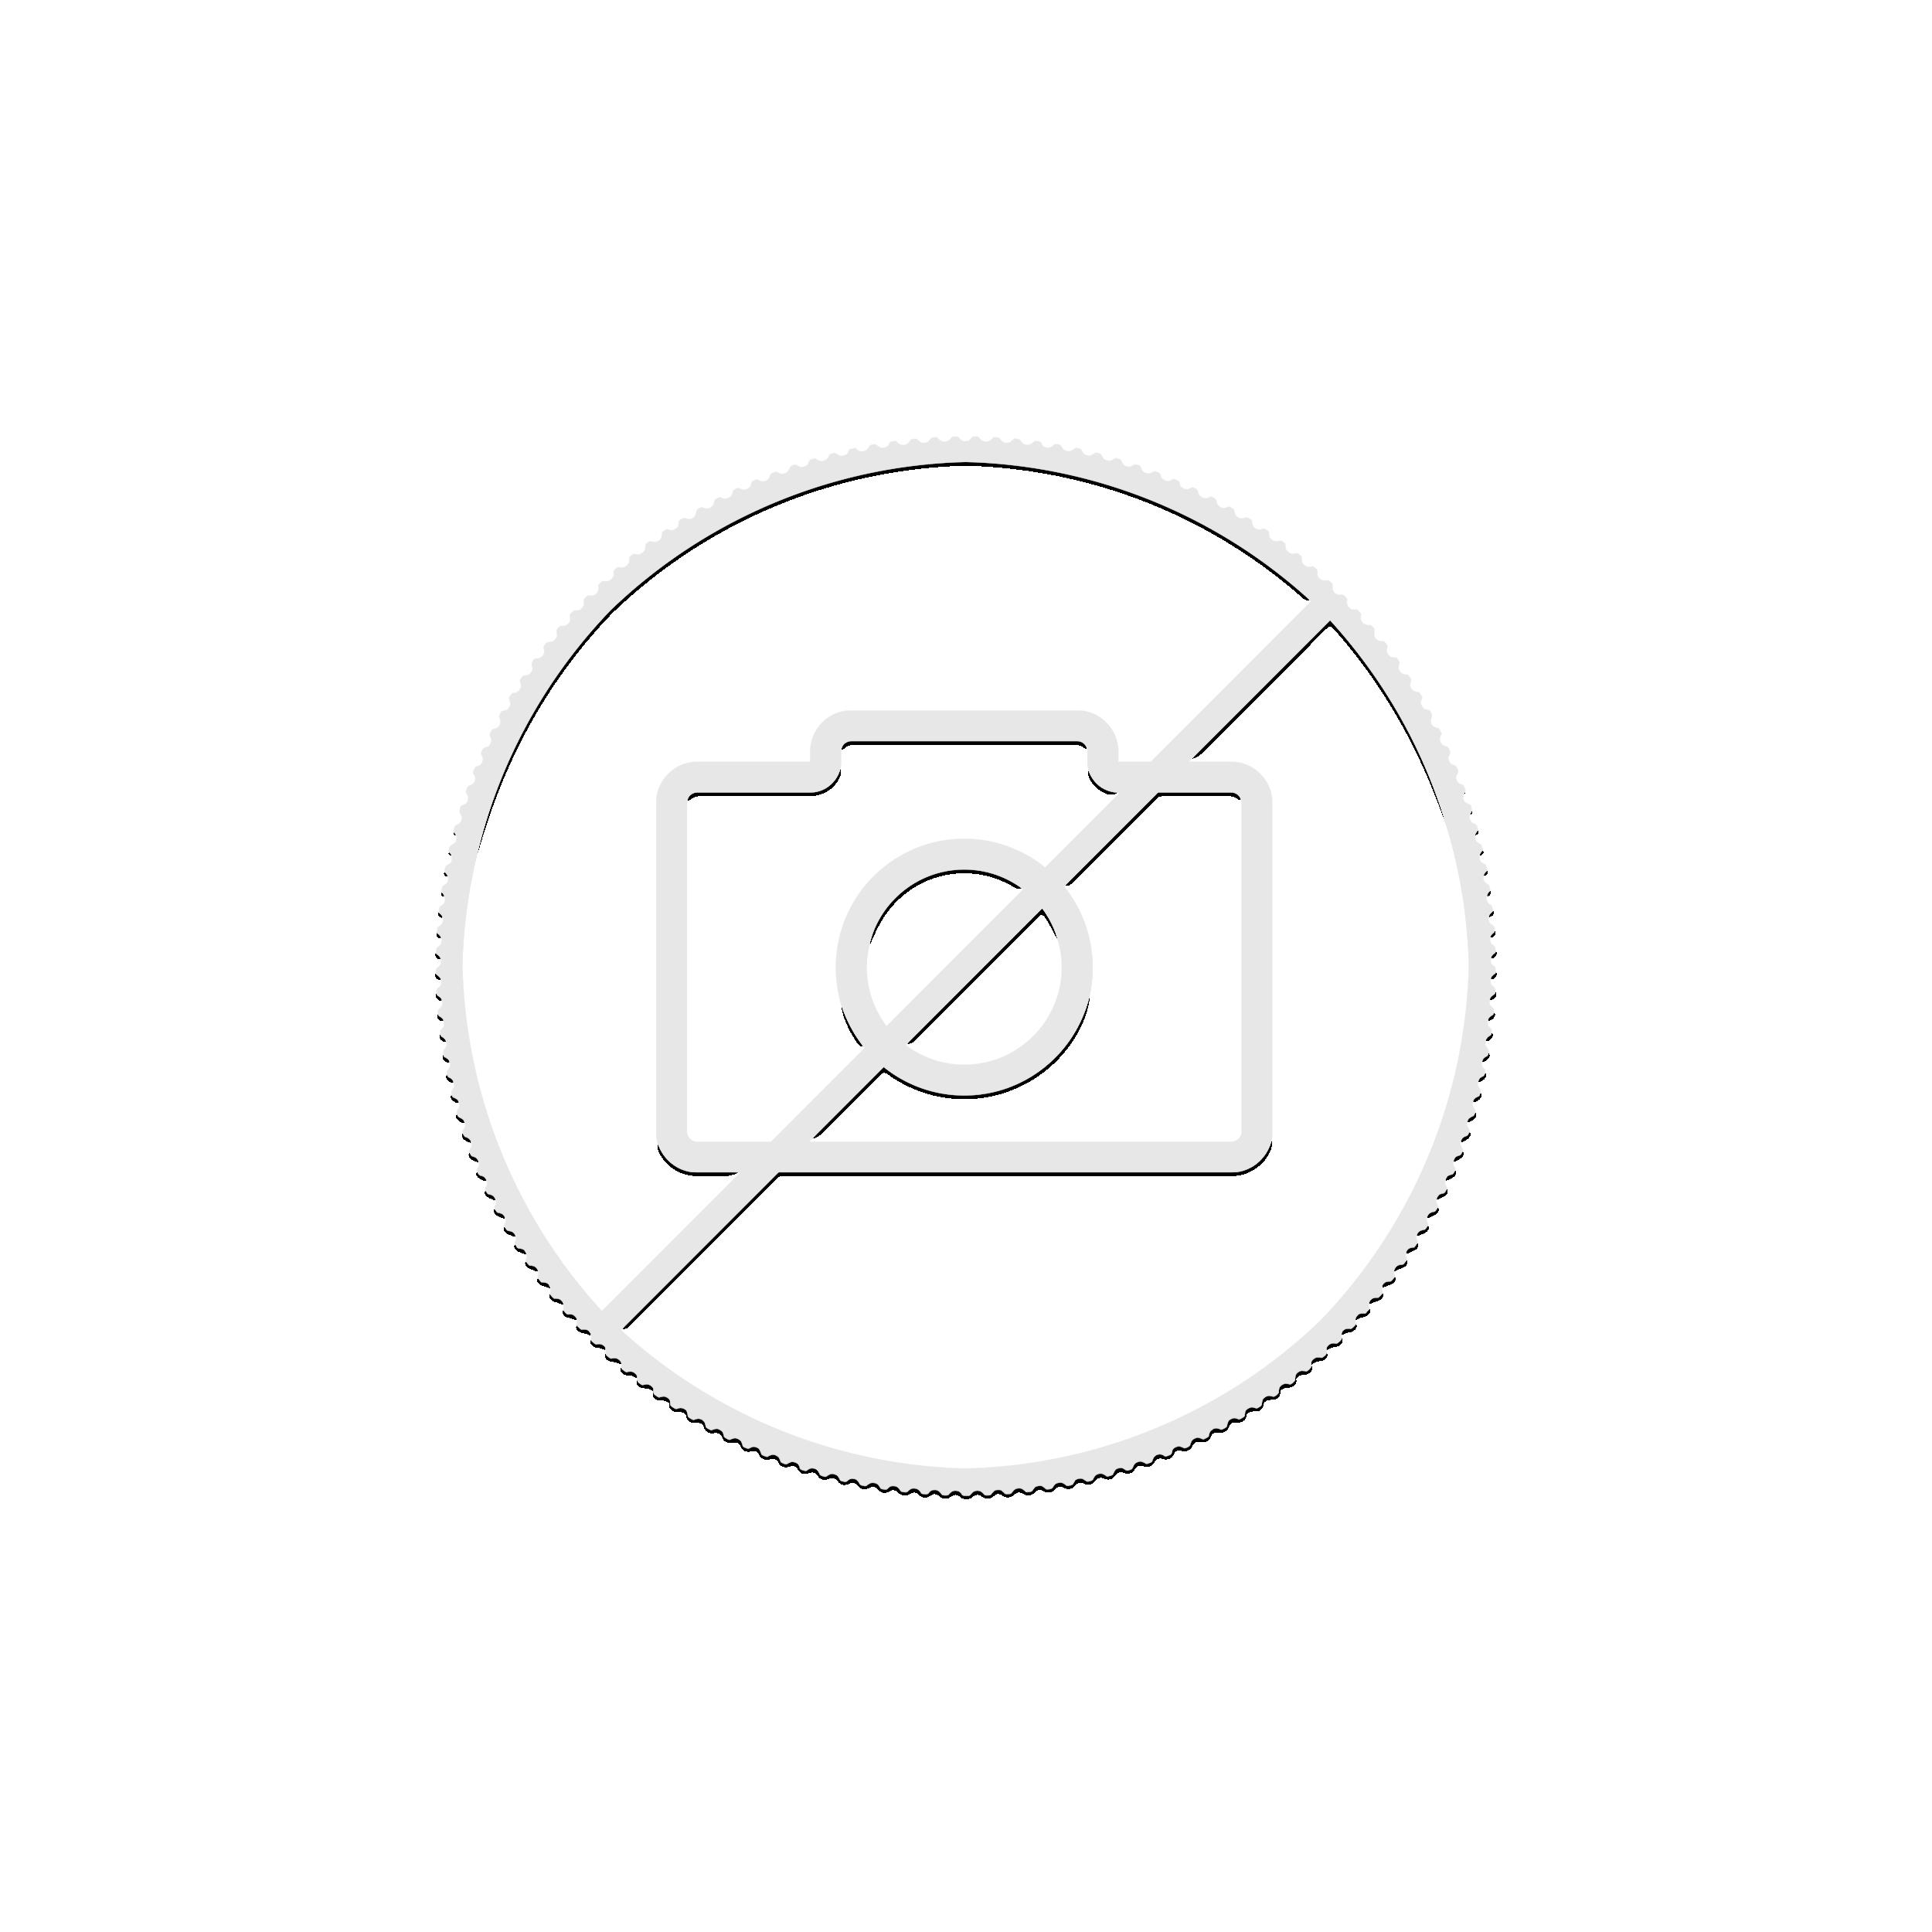 Goud baar 1 troy ounce Britannia Royal Mint